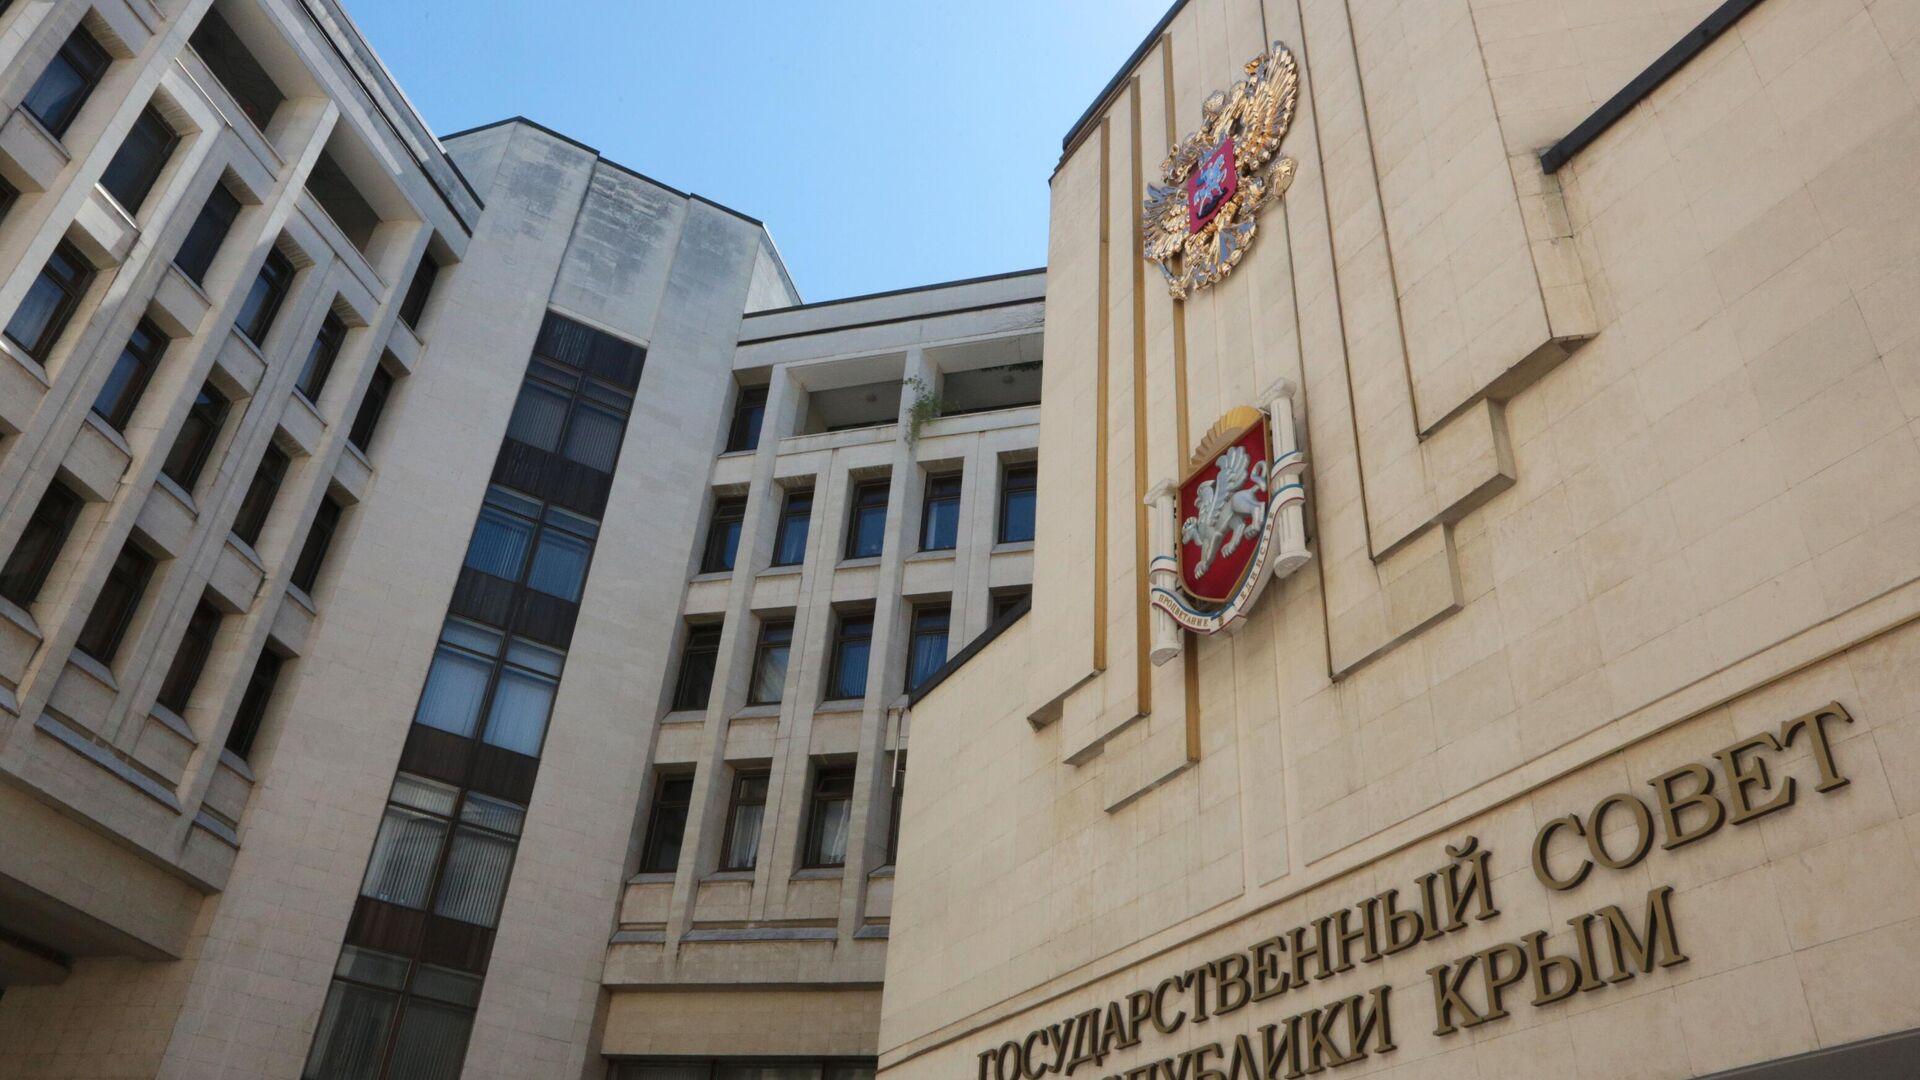 Государственный герб России установили на здании парламента Крыма - РИА Новости, 1920, 25.09.2021